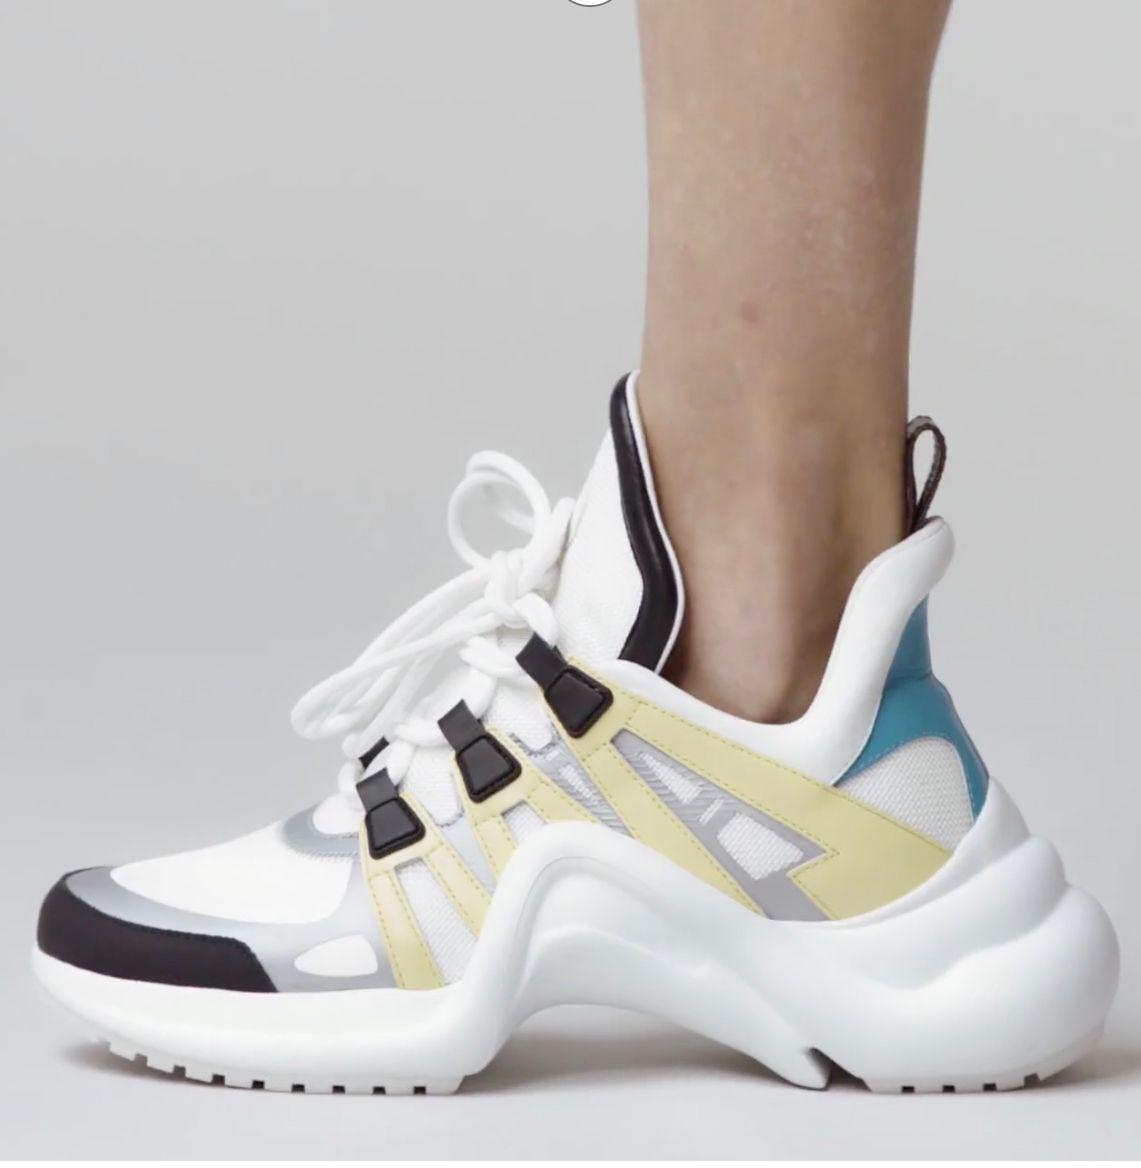 ginnastica in pelle 2020 delle donne arco di luce scarpa da tennis per le scarpe di moda uomini donne Kanye West stivali all'aperto casuale con scatola